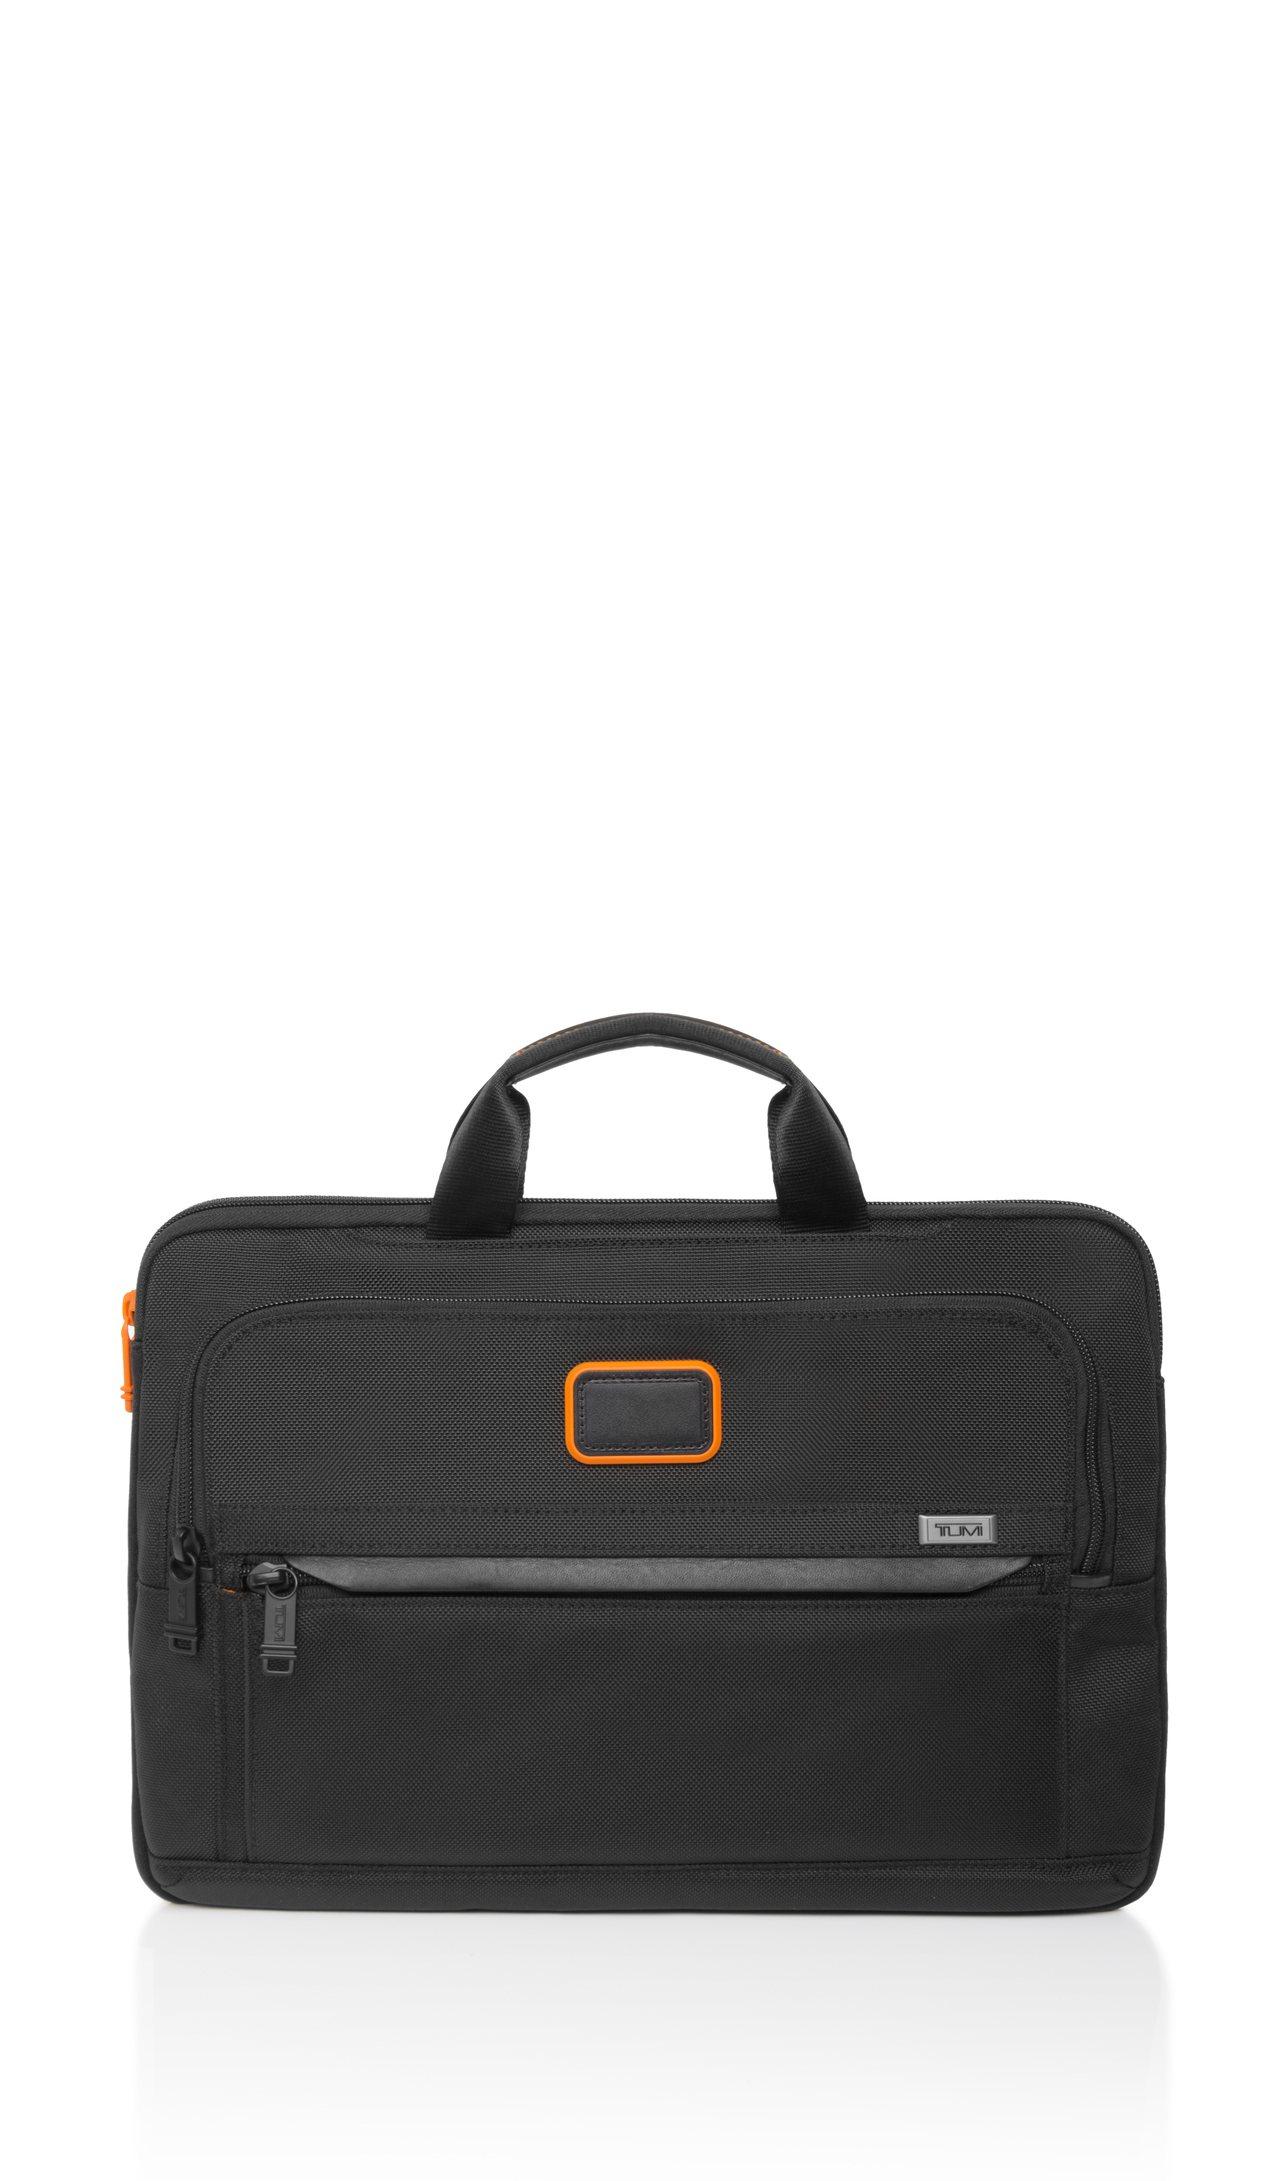 TUMI與Chris Pratt聯名系列筆電收納包,7,400元。圖/TUMI提...